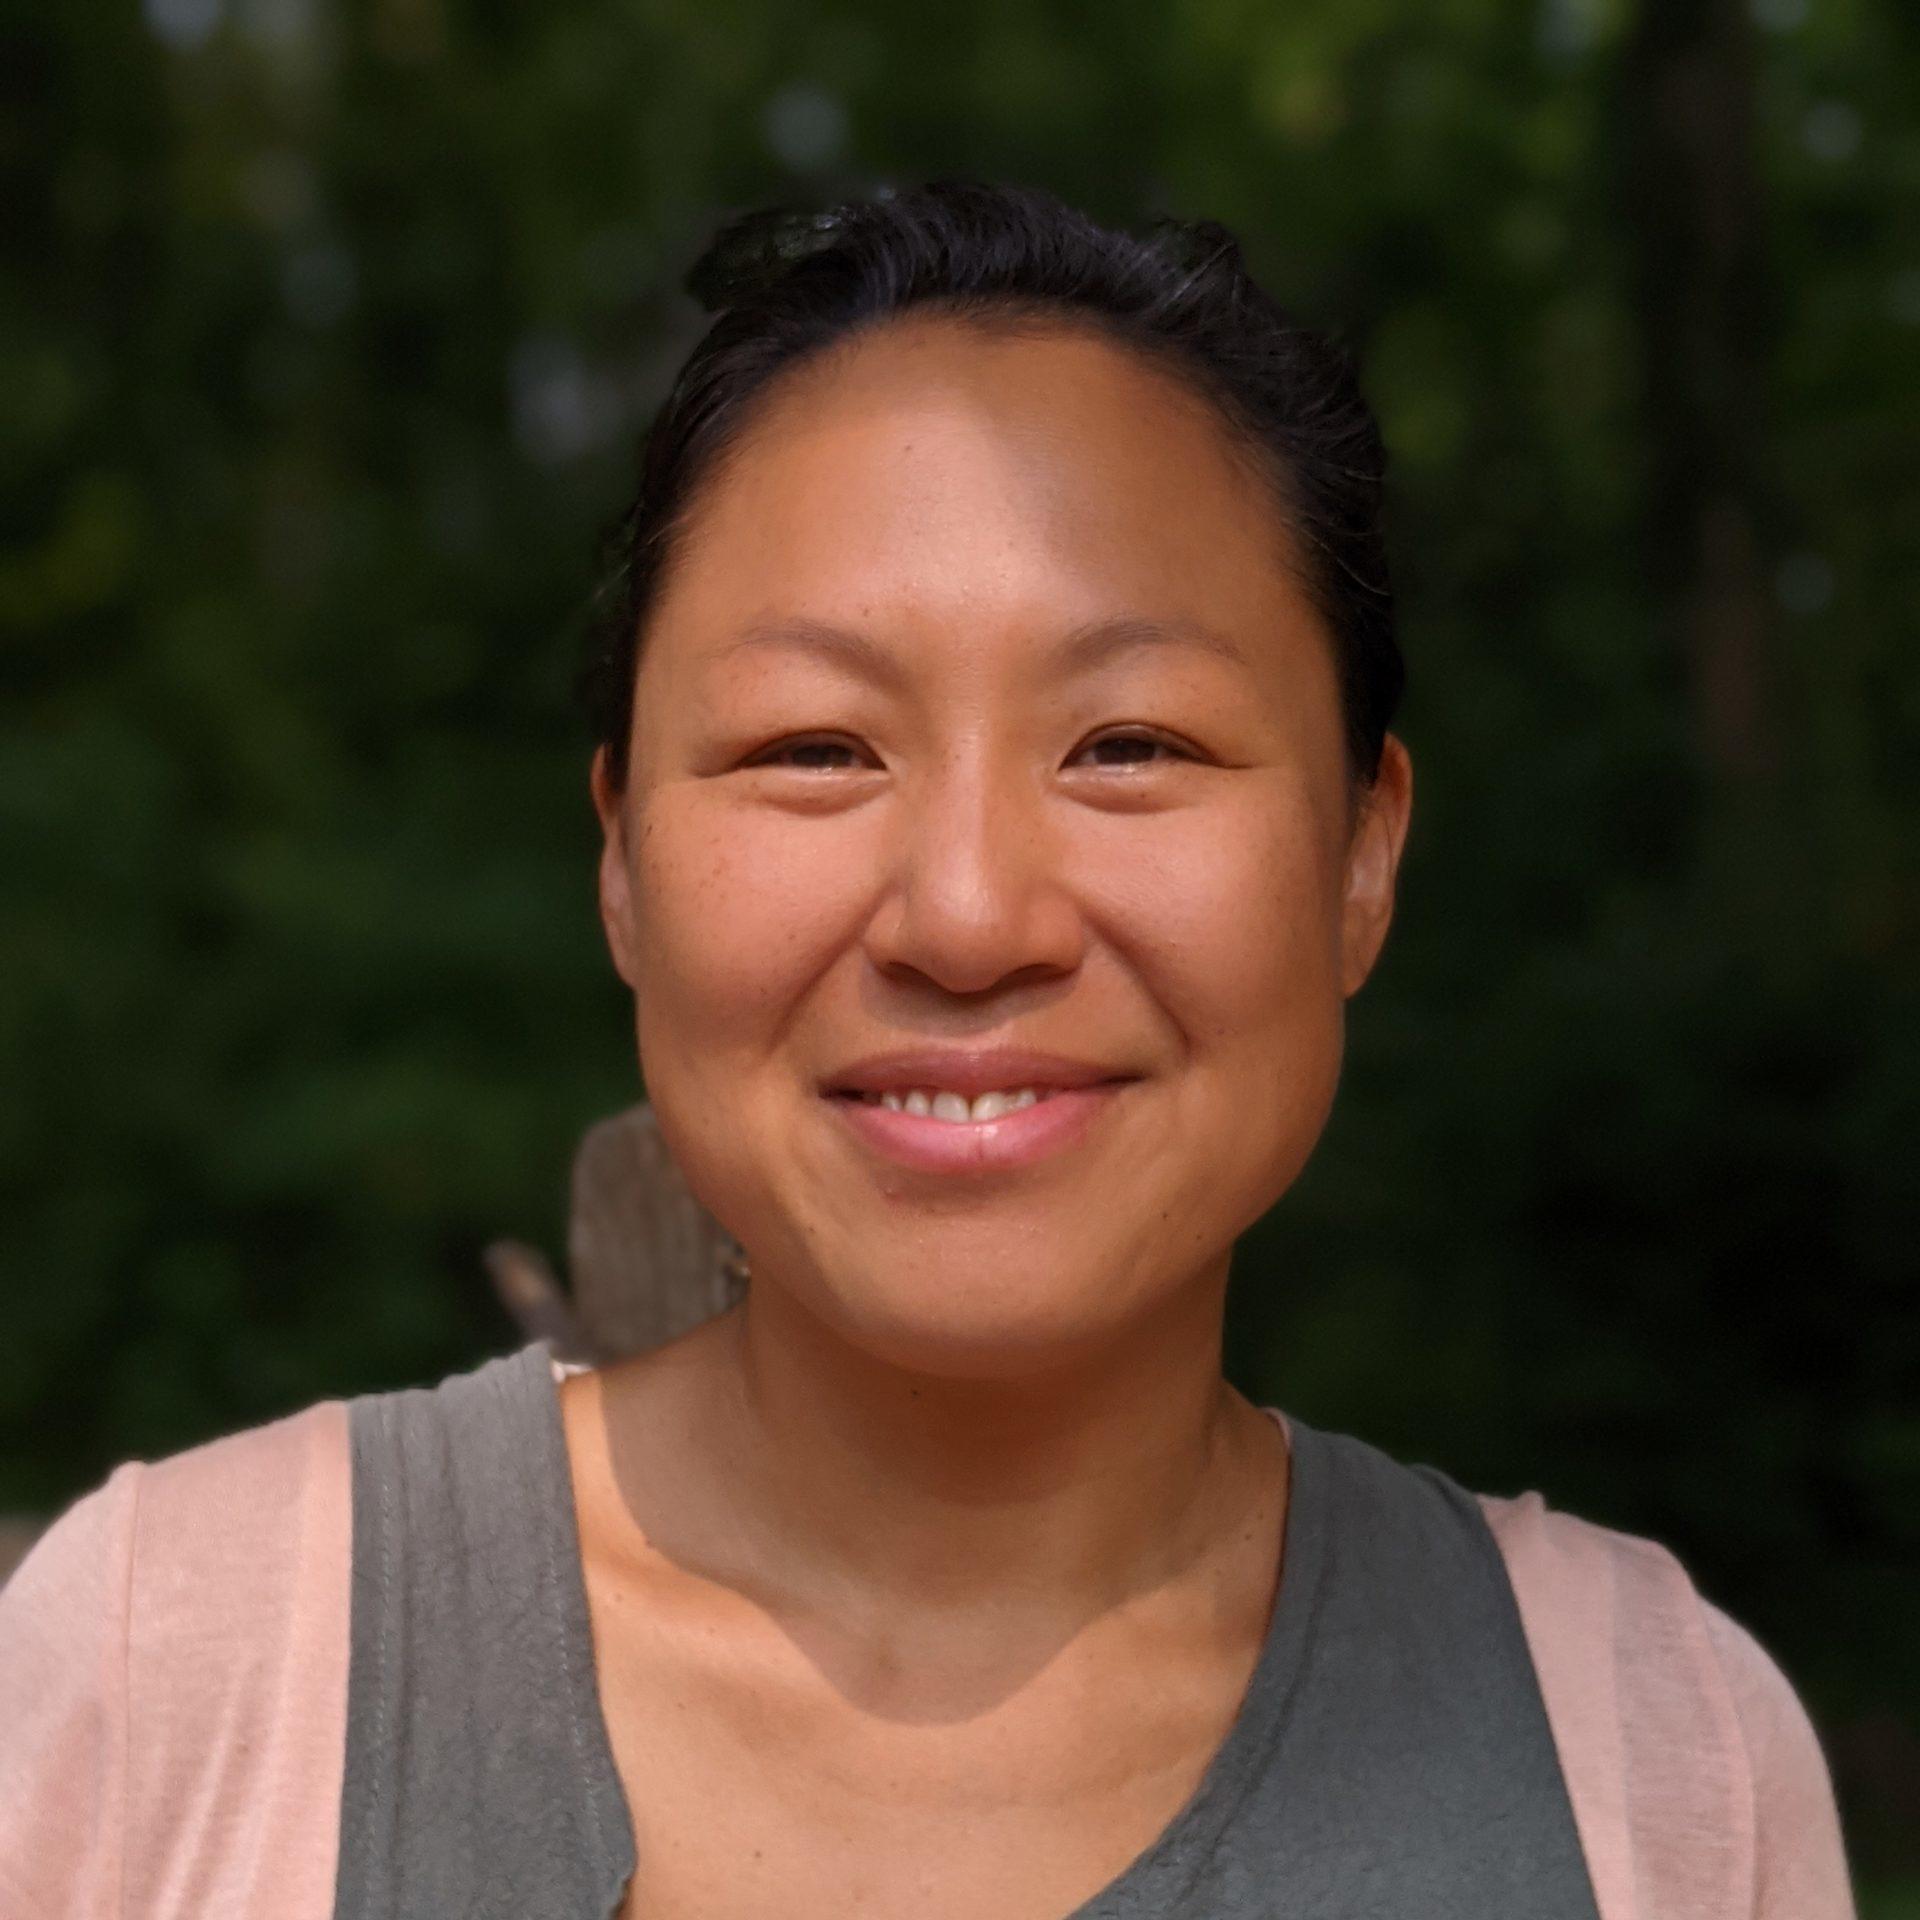 Mei-Lin Khor